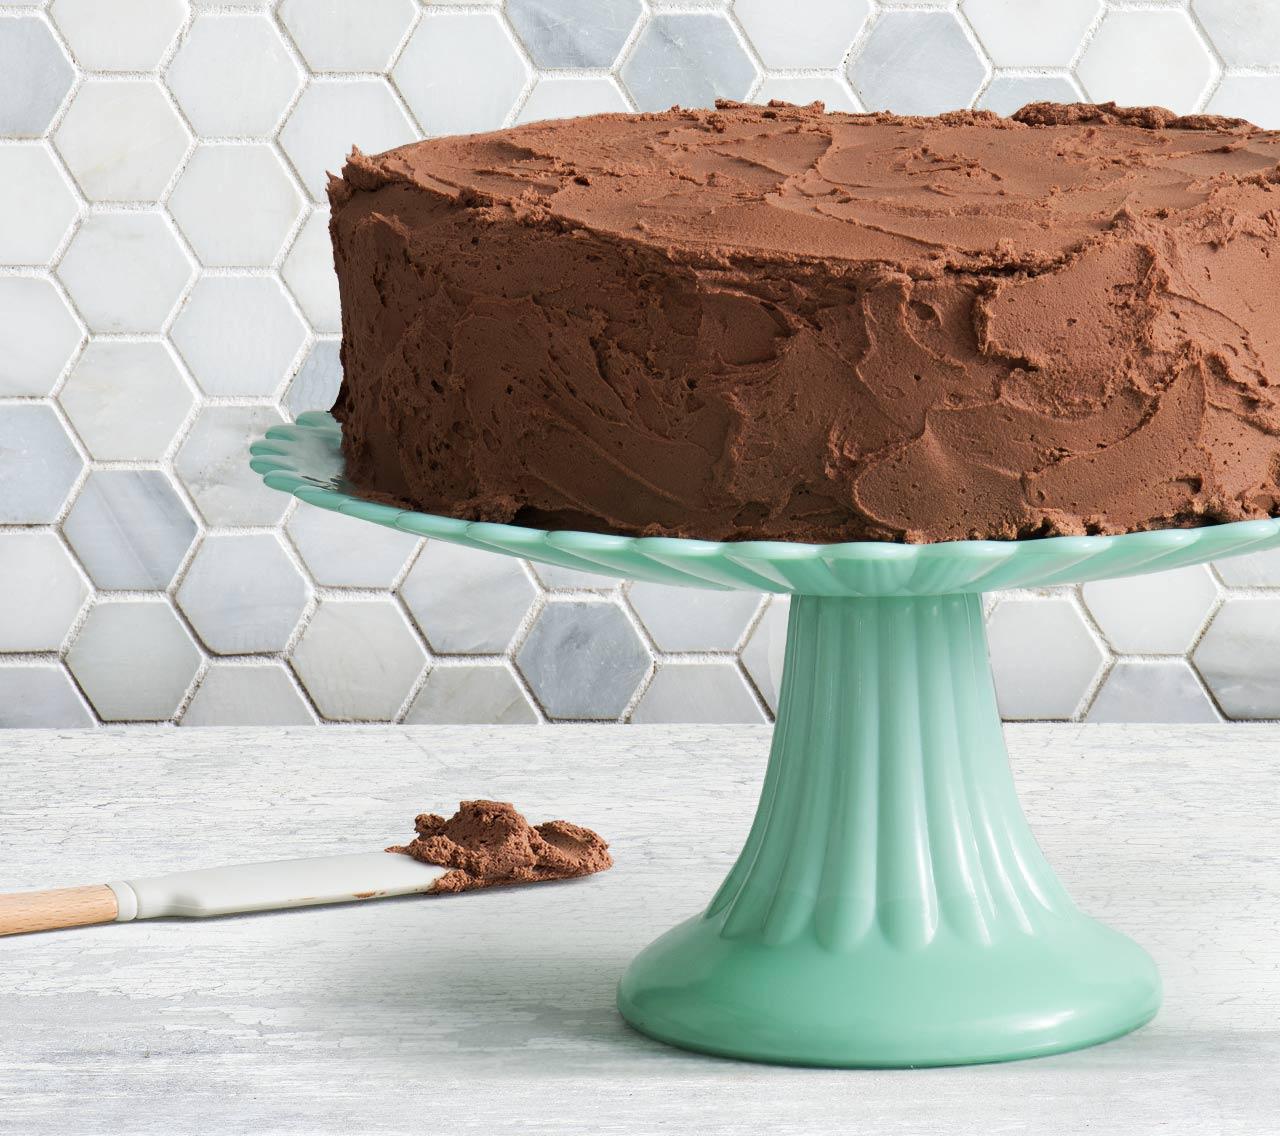 Le Meilleur Meilleur Gâteau au Chocolat